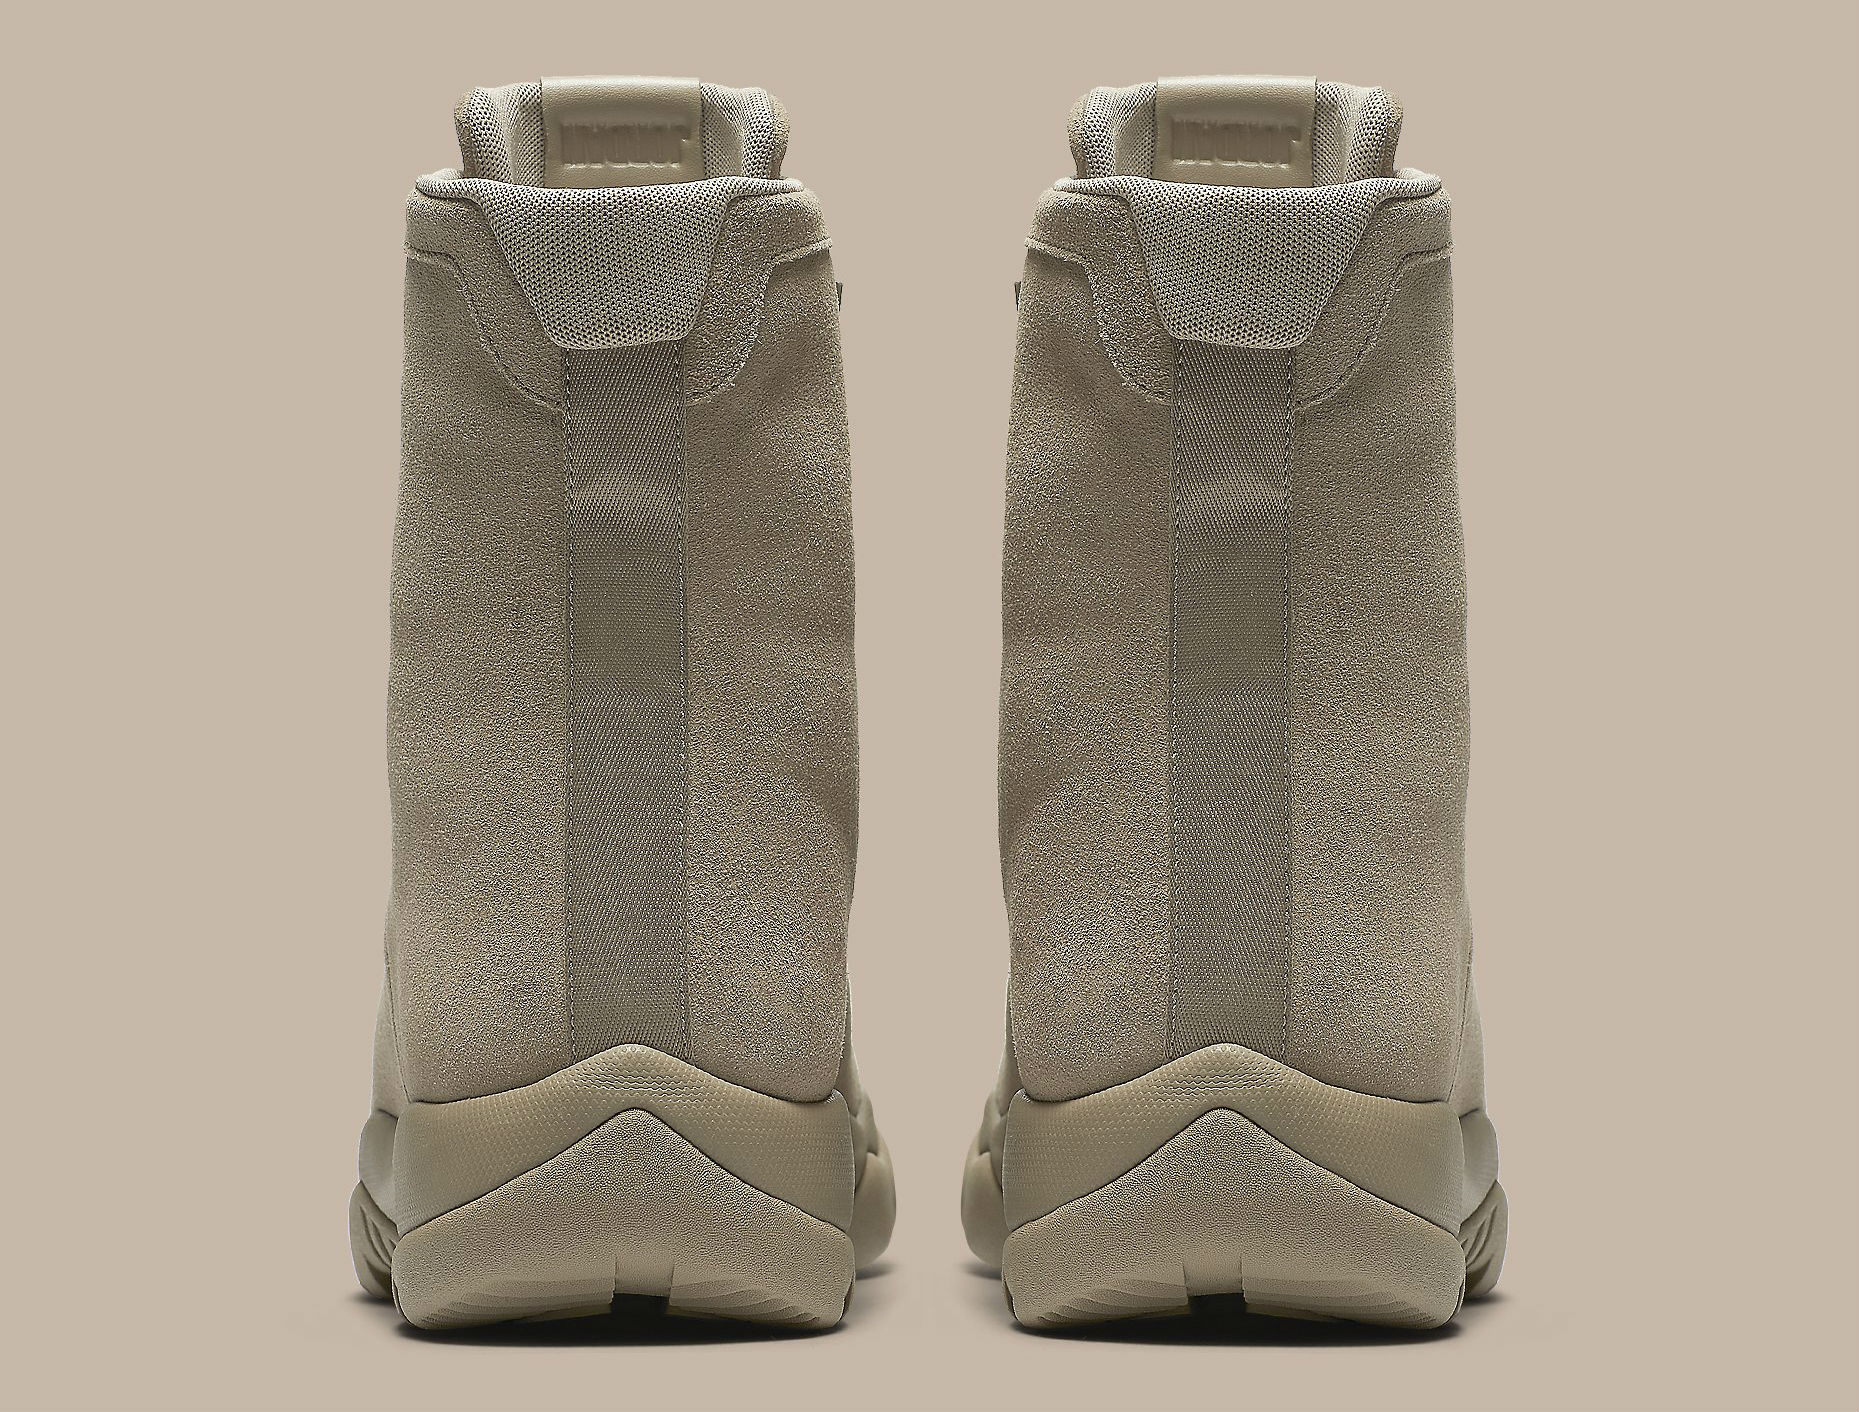 Air Jordan Future Boot Khaki Heel 878222-205